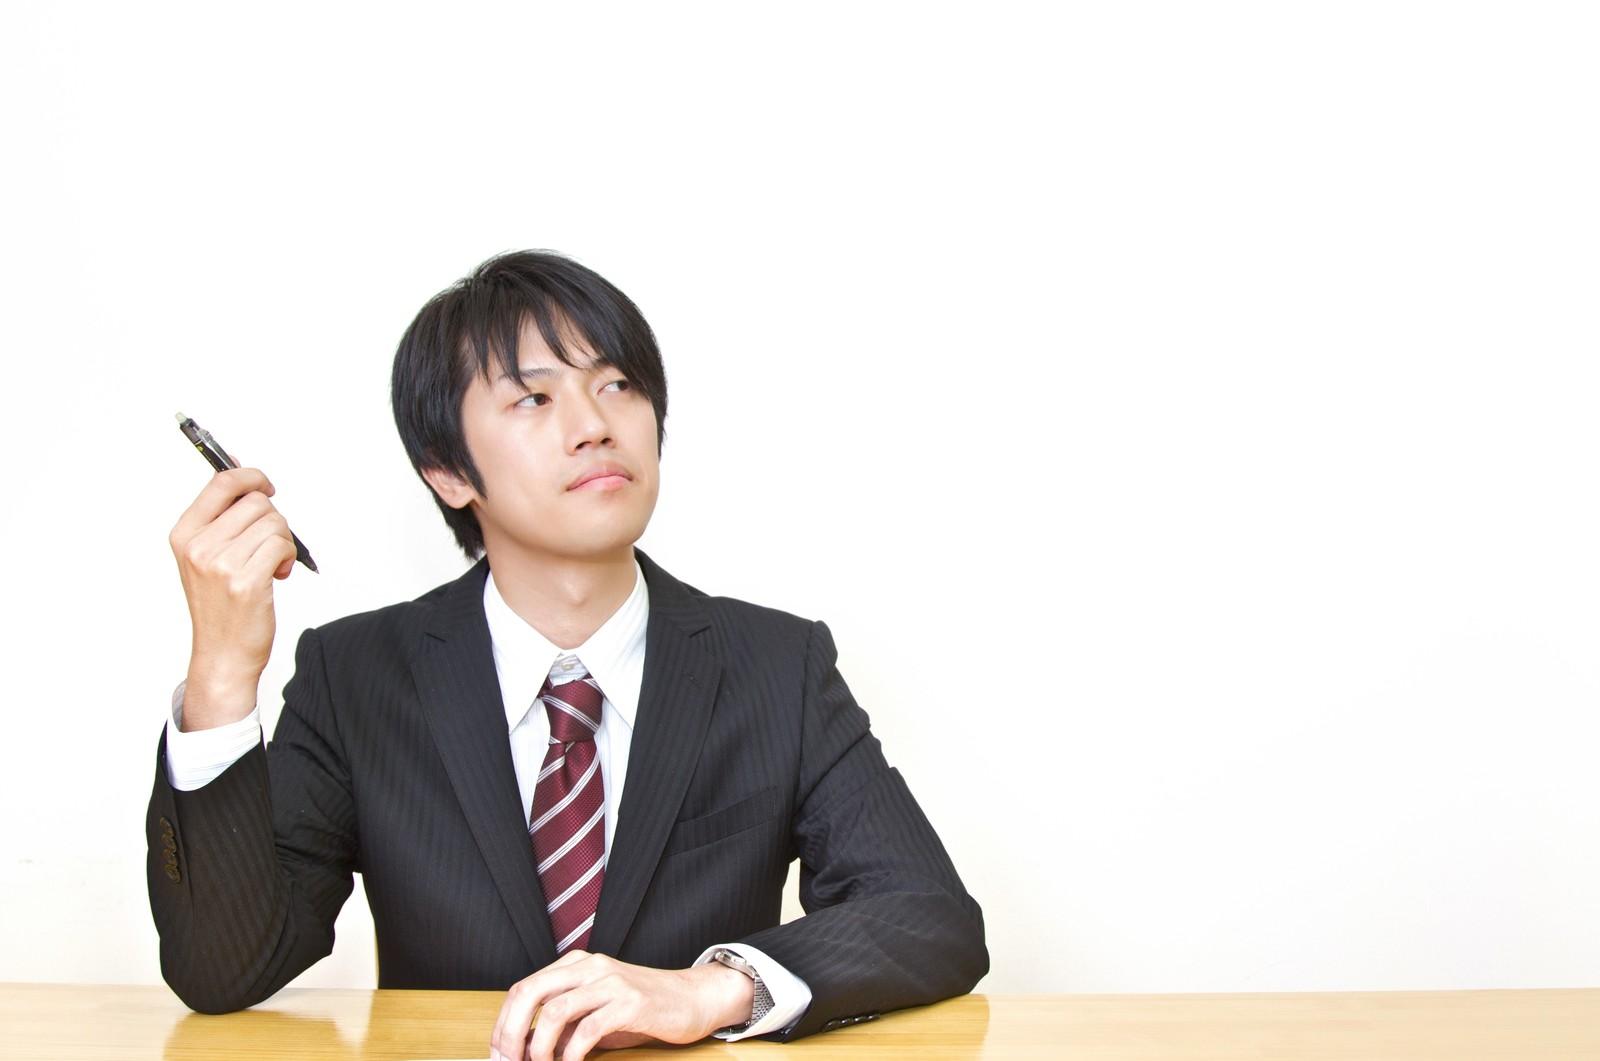 年収交渉が転職で年収アップの近道。年収交渉は転職エージェントに任せよう。